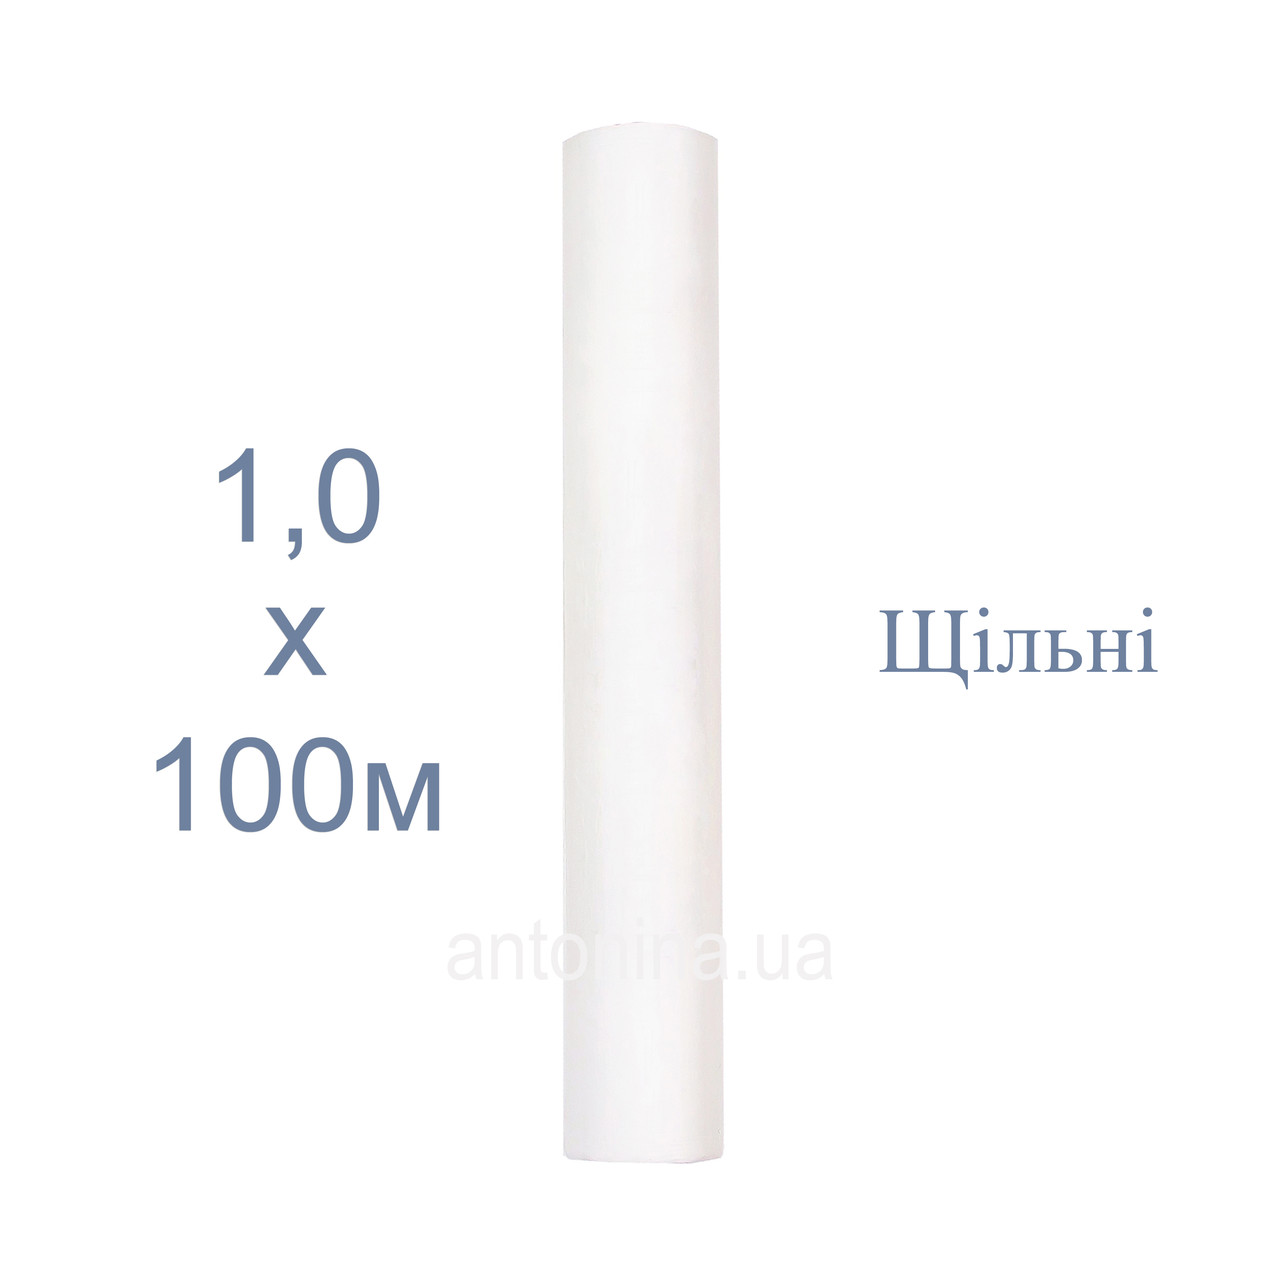 """Одноразові простирадла білі 1,0х100м щільні, ТМ """"Антоніна"""", спанбонд"""